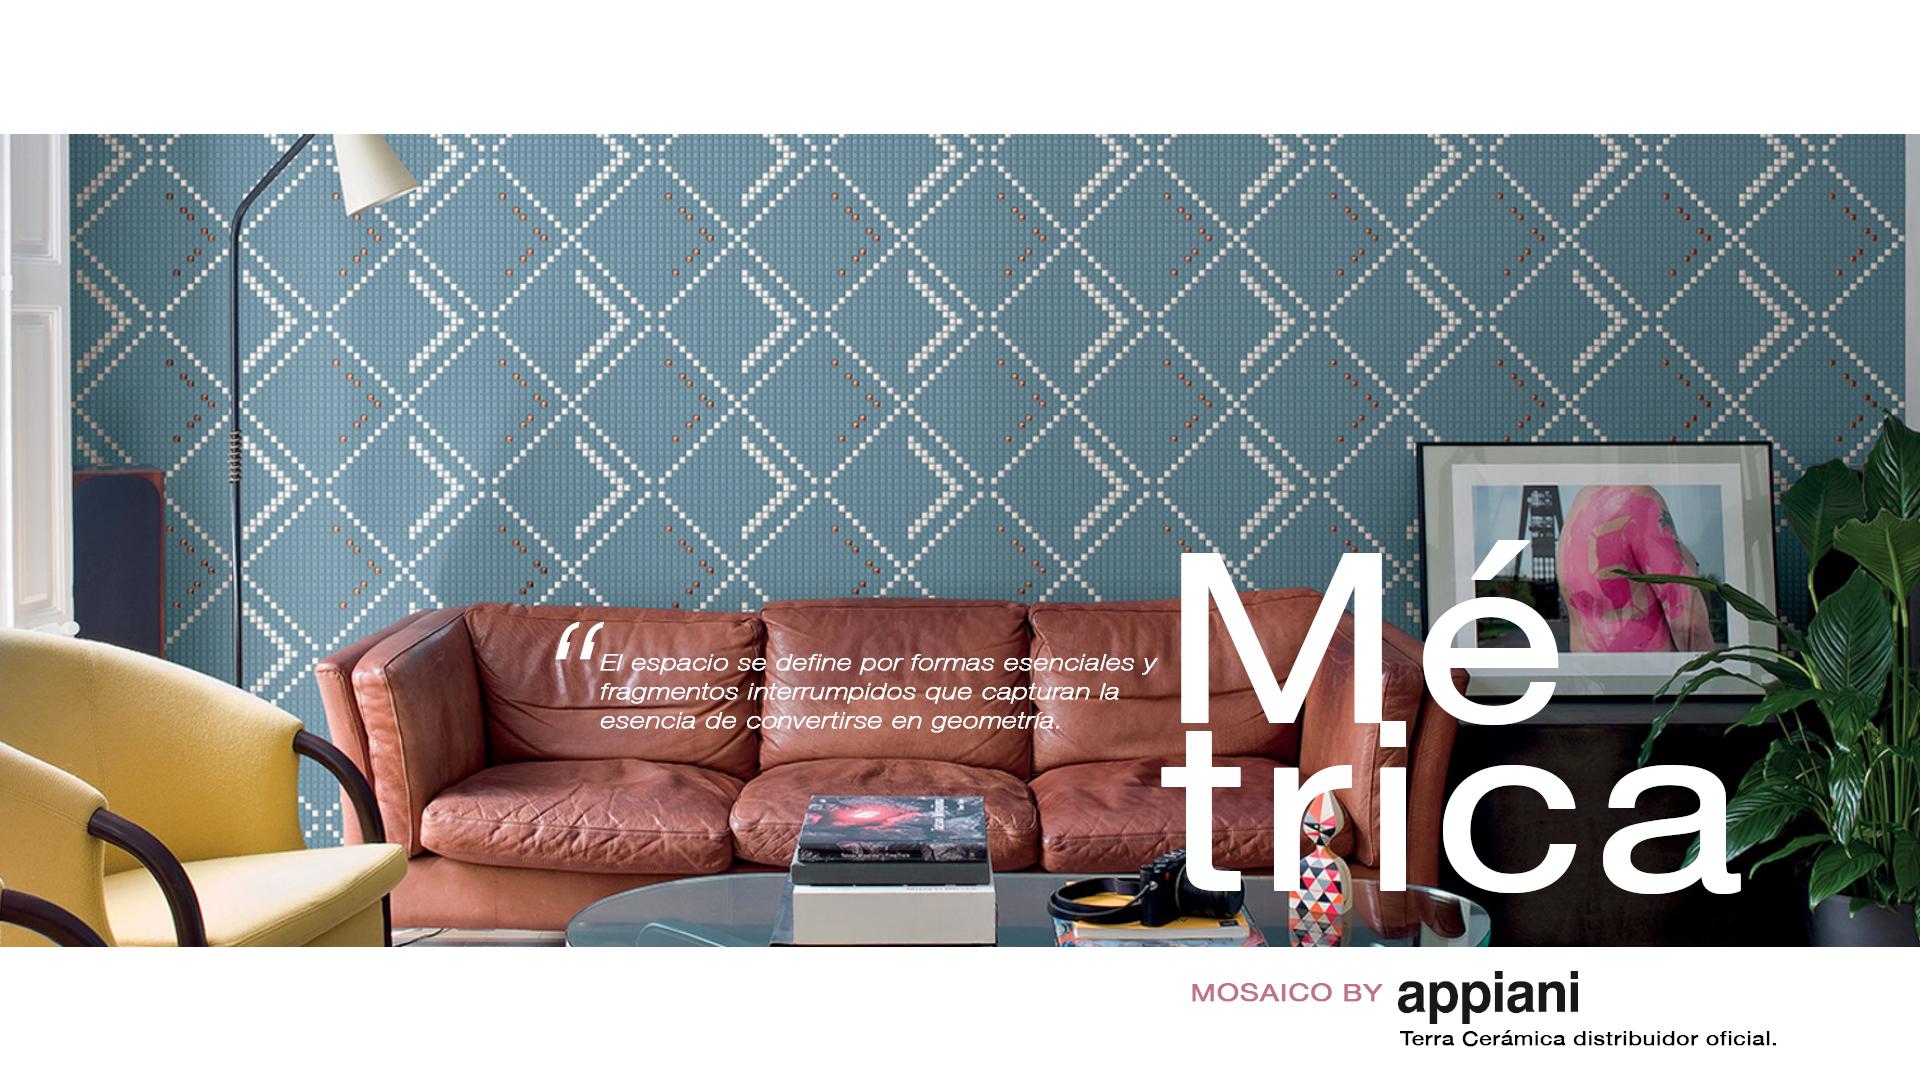 Métrica, el mosaico de Appiani de venta online